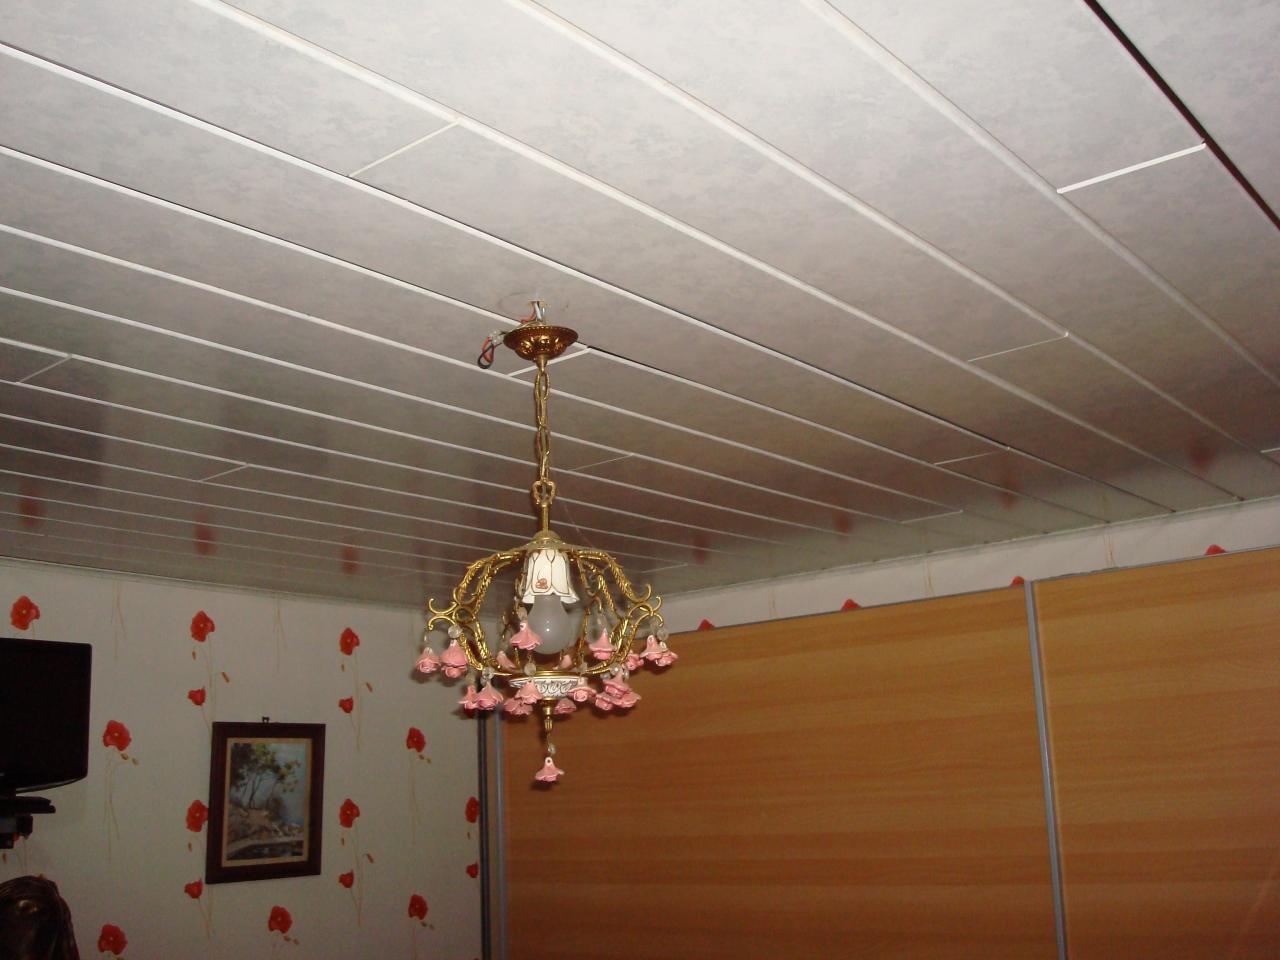 lambris pvc pour plafond cuisine - isolation idées - Lambris Pvc Pour Plafond Salle De Bain